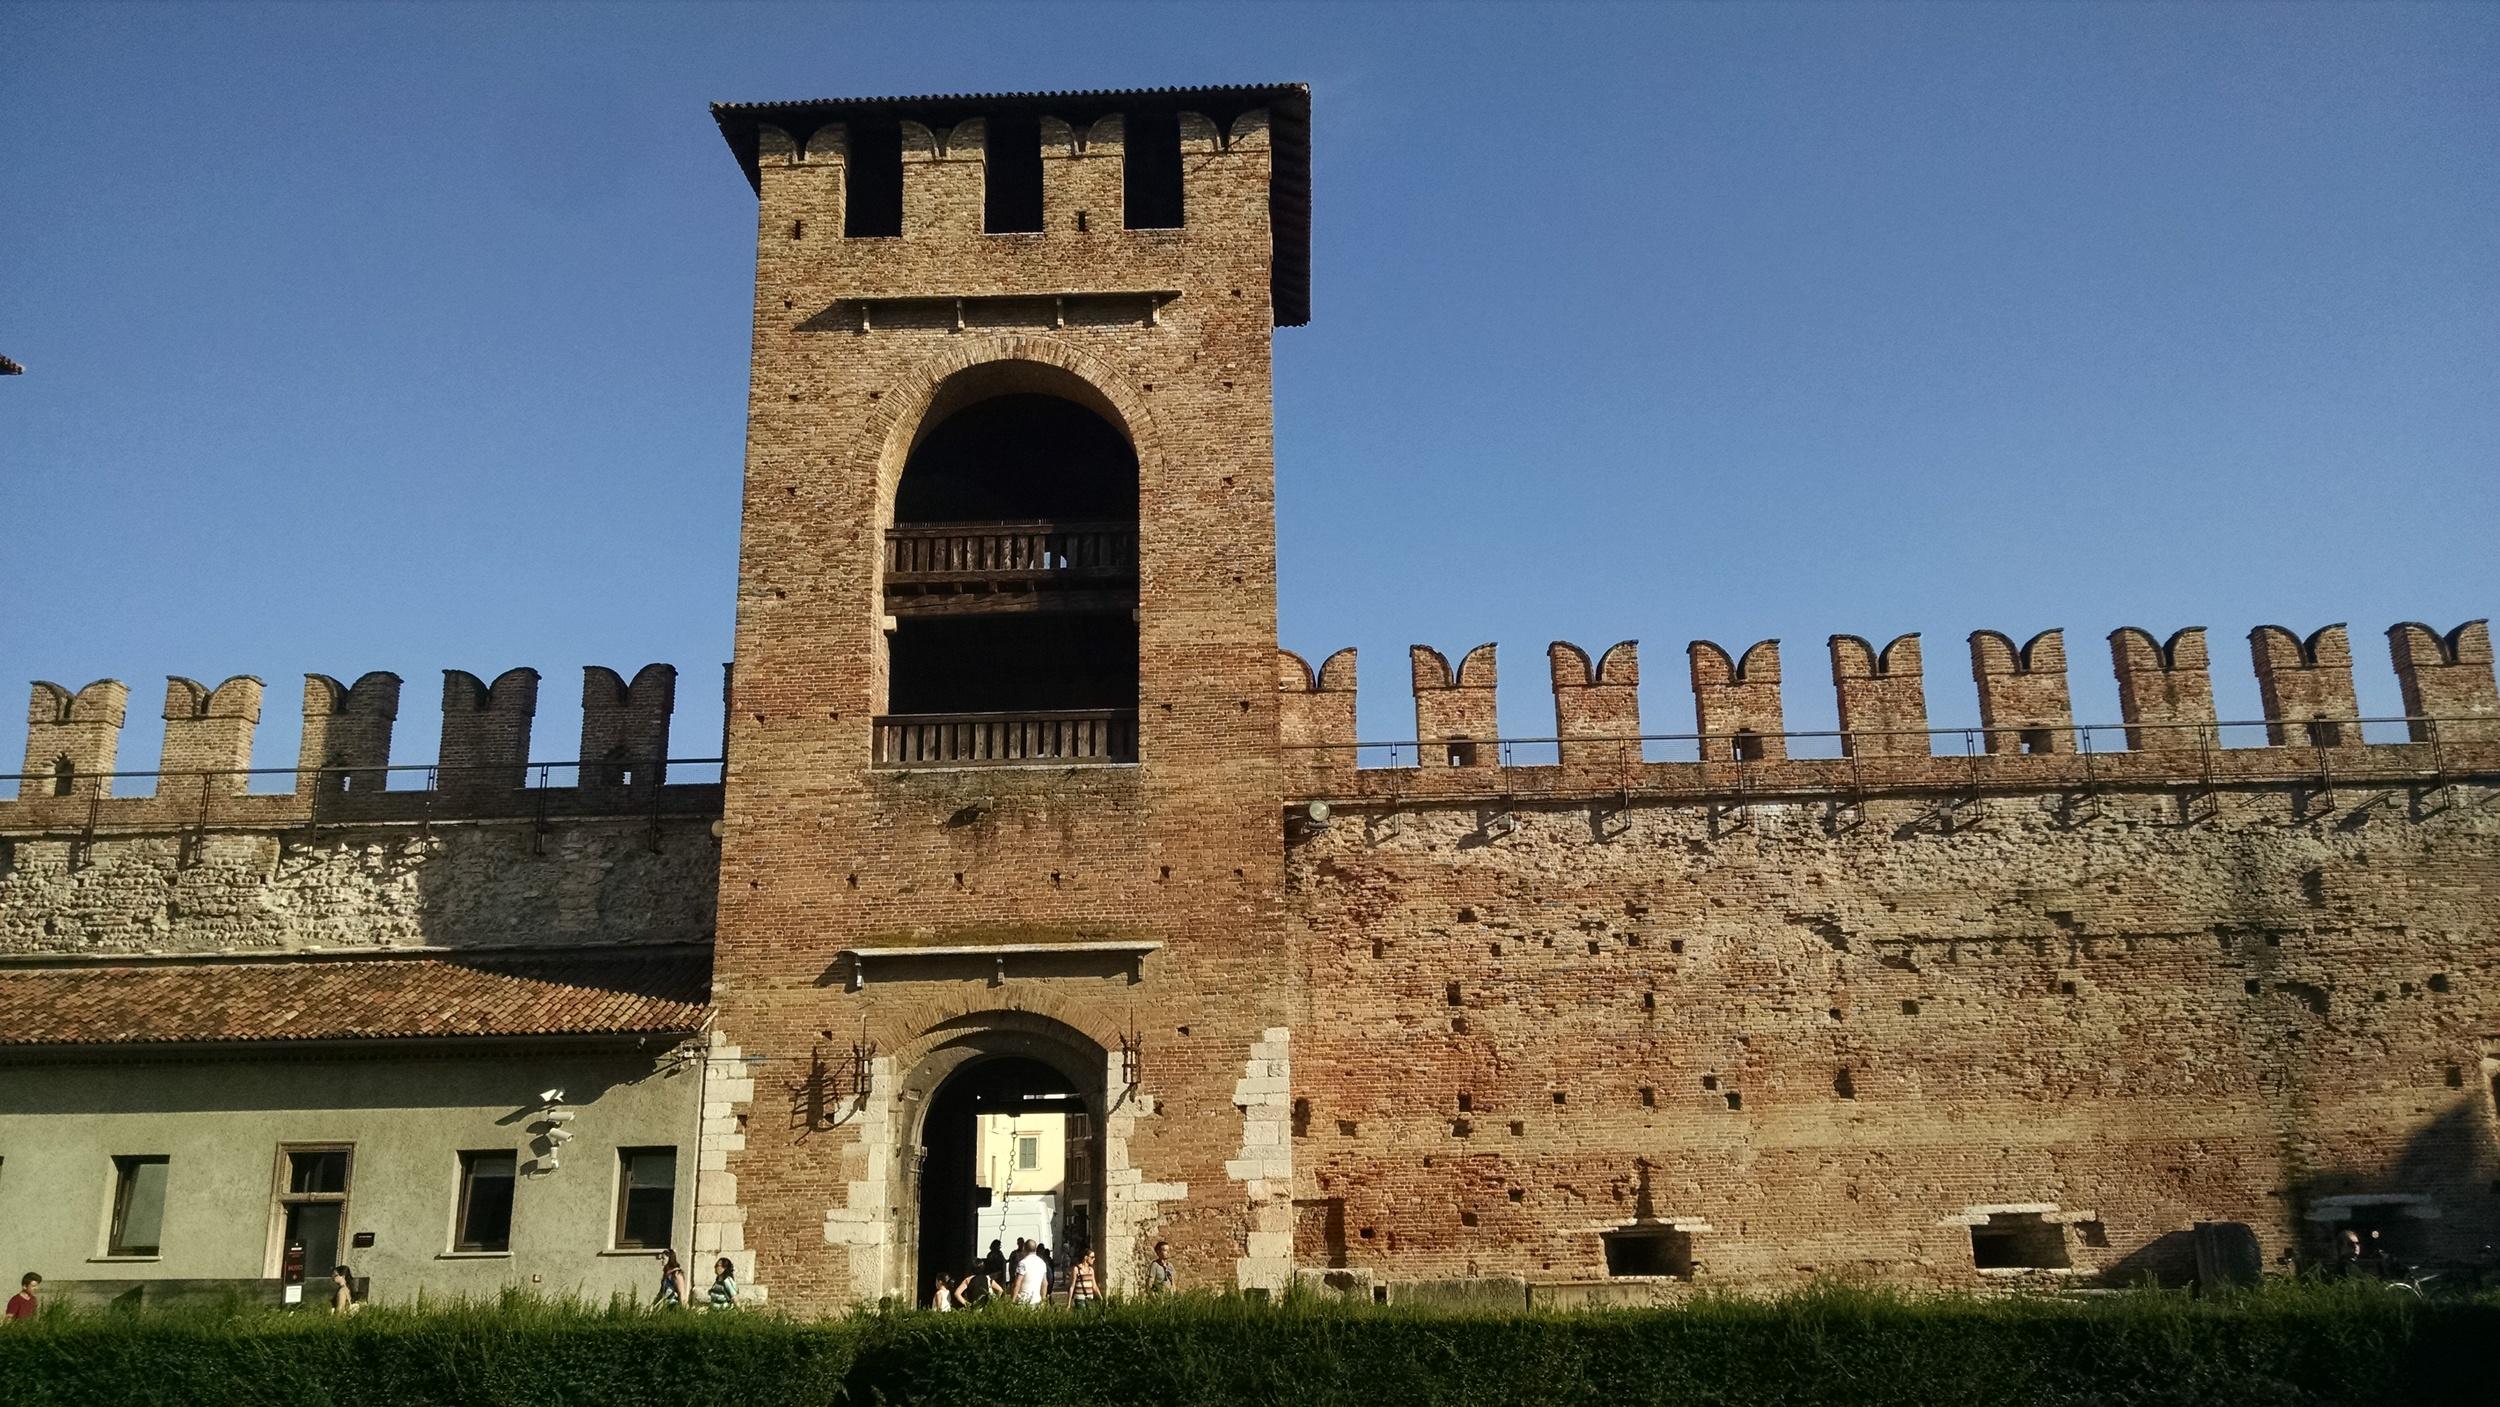 (imagem: Castelvecchio, Verona, Itália, 2014. Arquivo pessoal)